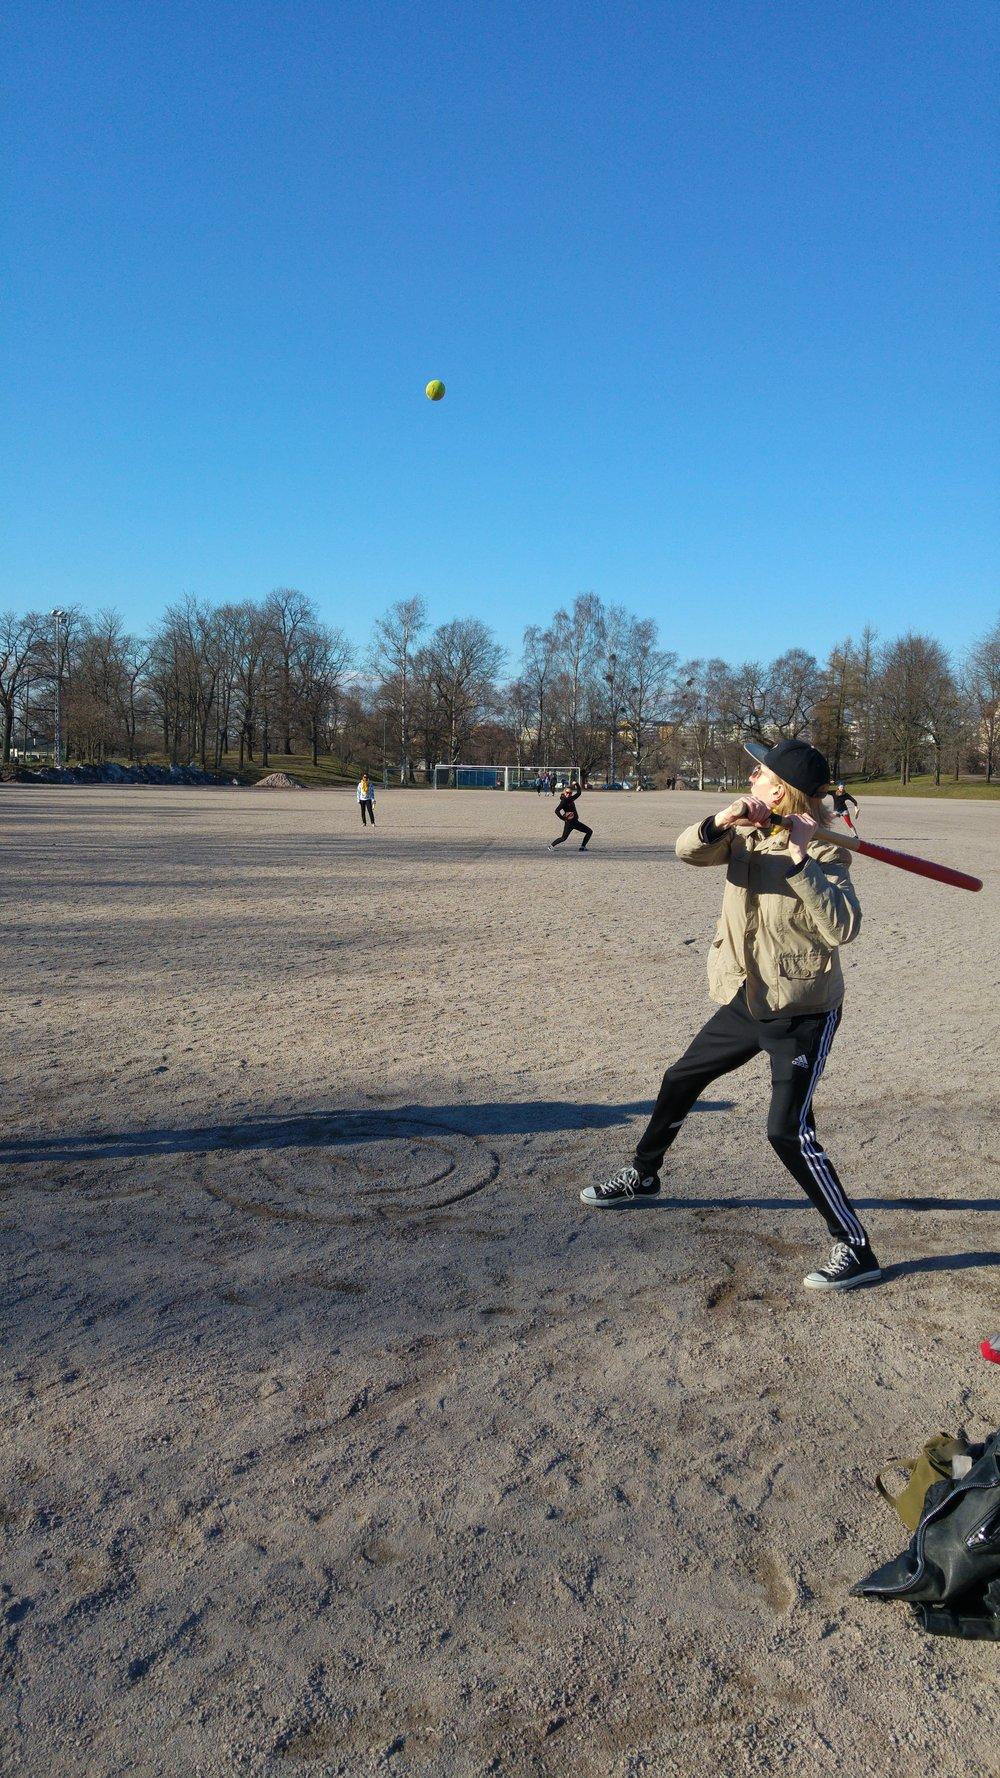 Monet järjestöt järjestävät matalan kynnyksen urheilutapahtumia kannustaakseen opiskelijoita liikkumaan. Mukaan mahtuu niin yksittäisiä tempauksia kuin useita järjestöjä osallistavia massatapahtumia. Kuvassa TYT:n pesäpallo-ottelu vuodelta 2016.  Kuva: Mikael Lehtonen (2016)